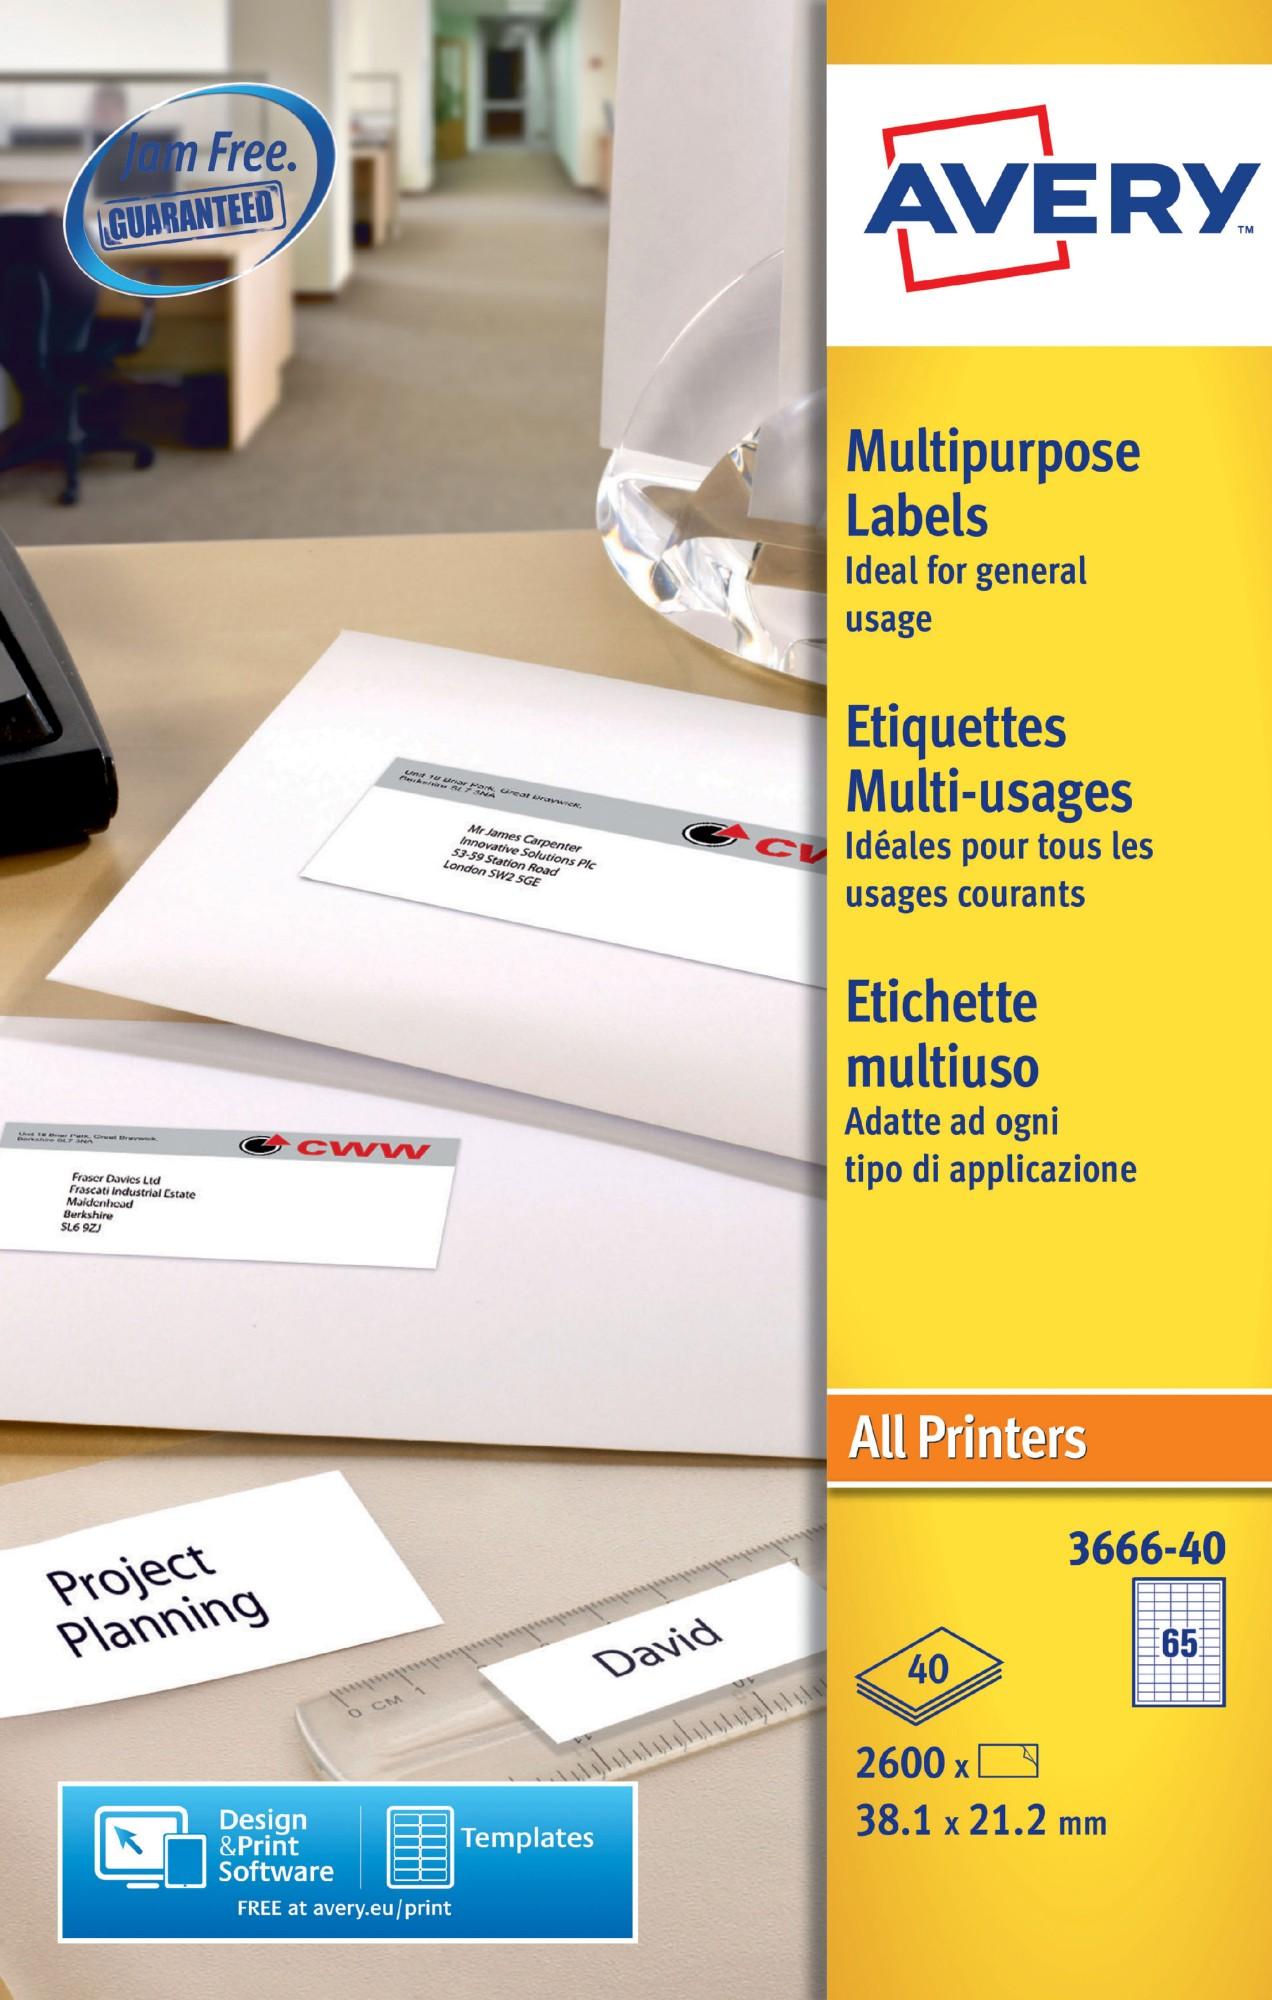 Avery Multipurpose Labels 38x21.2mm 3666-40 65 p/sht PK2600